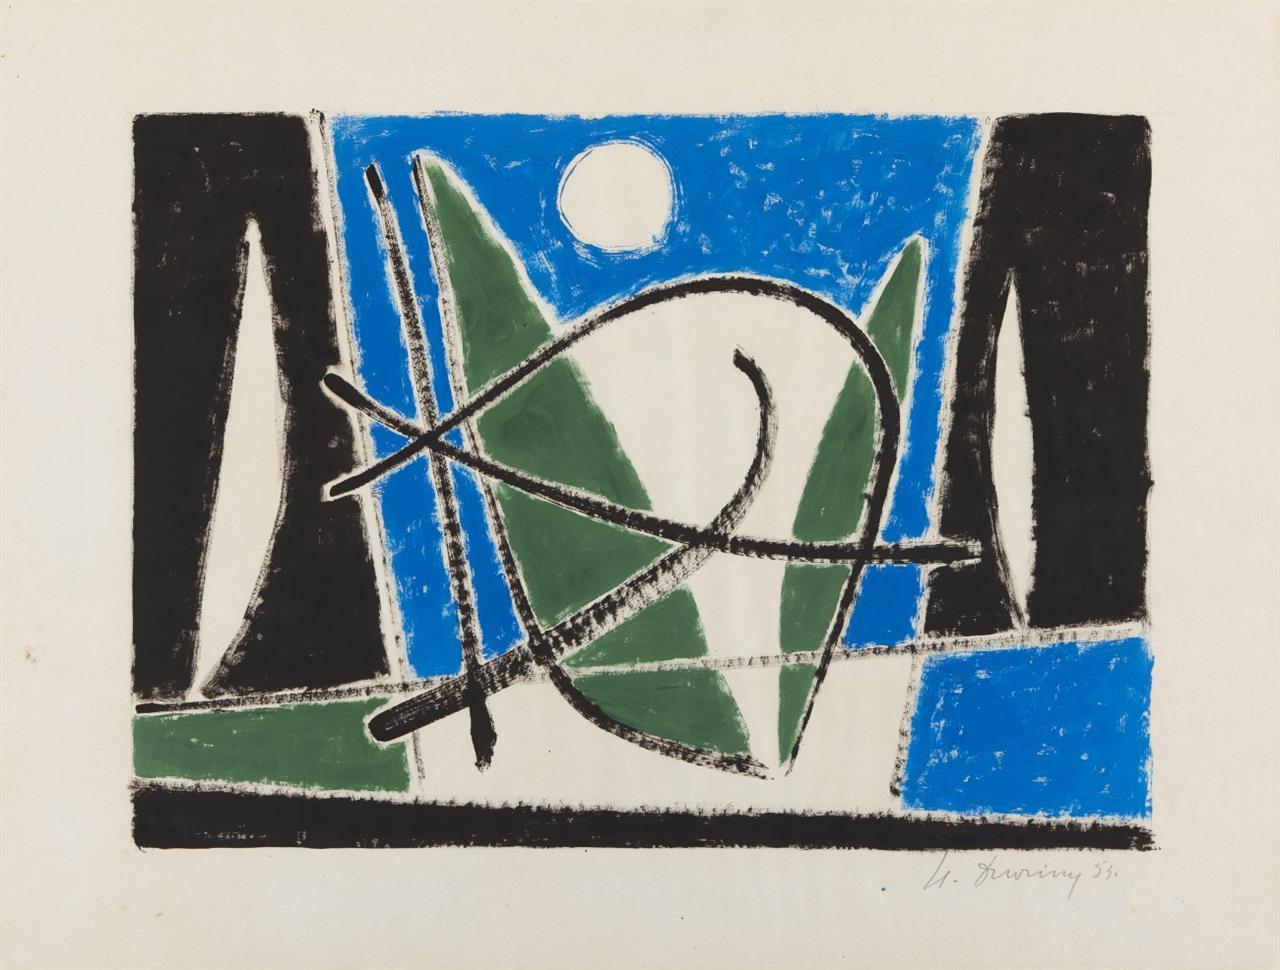 Heinrich Maria Davringhausen. Ohne Titel. 1955 (?). Gouache. Signiert.